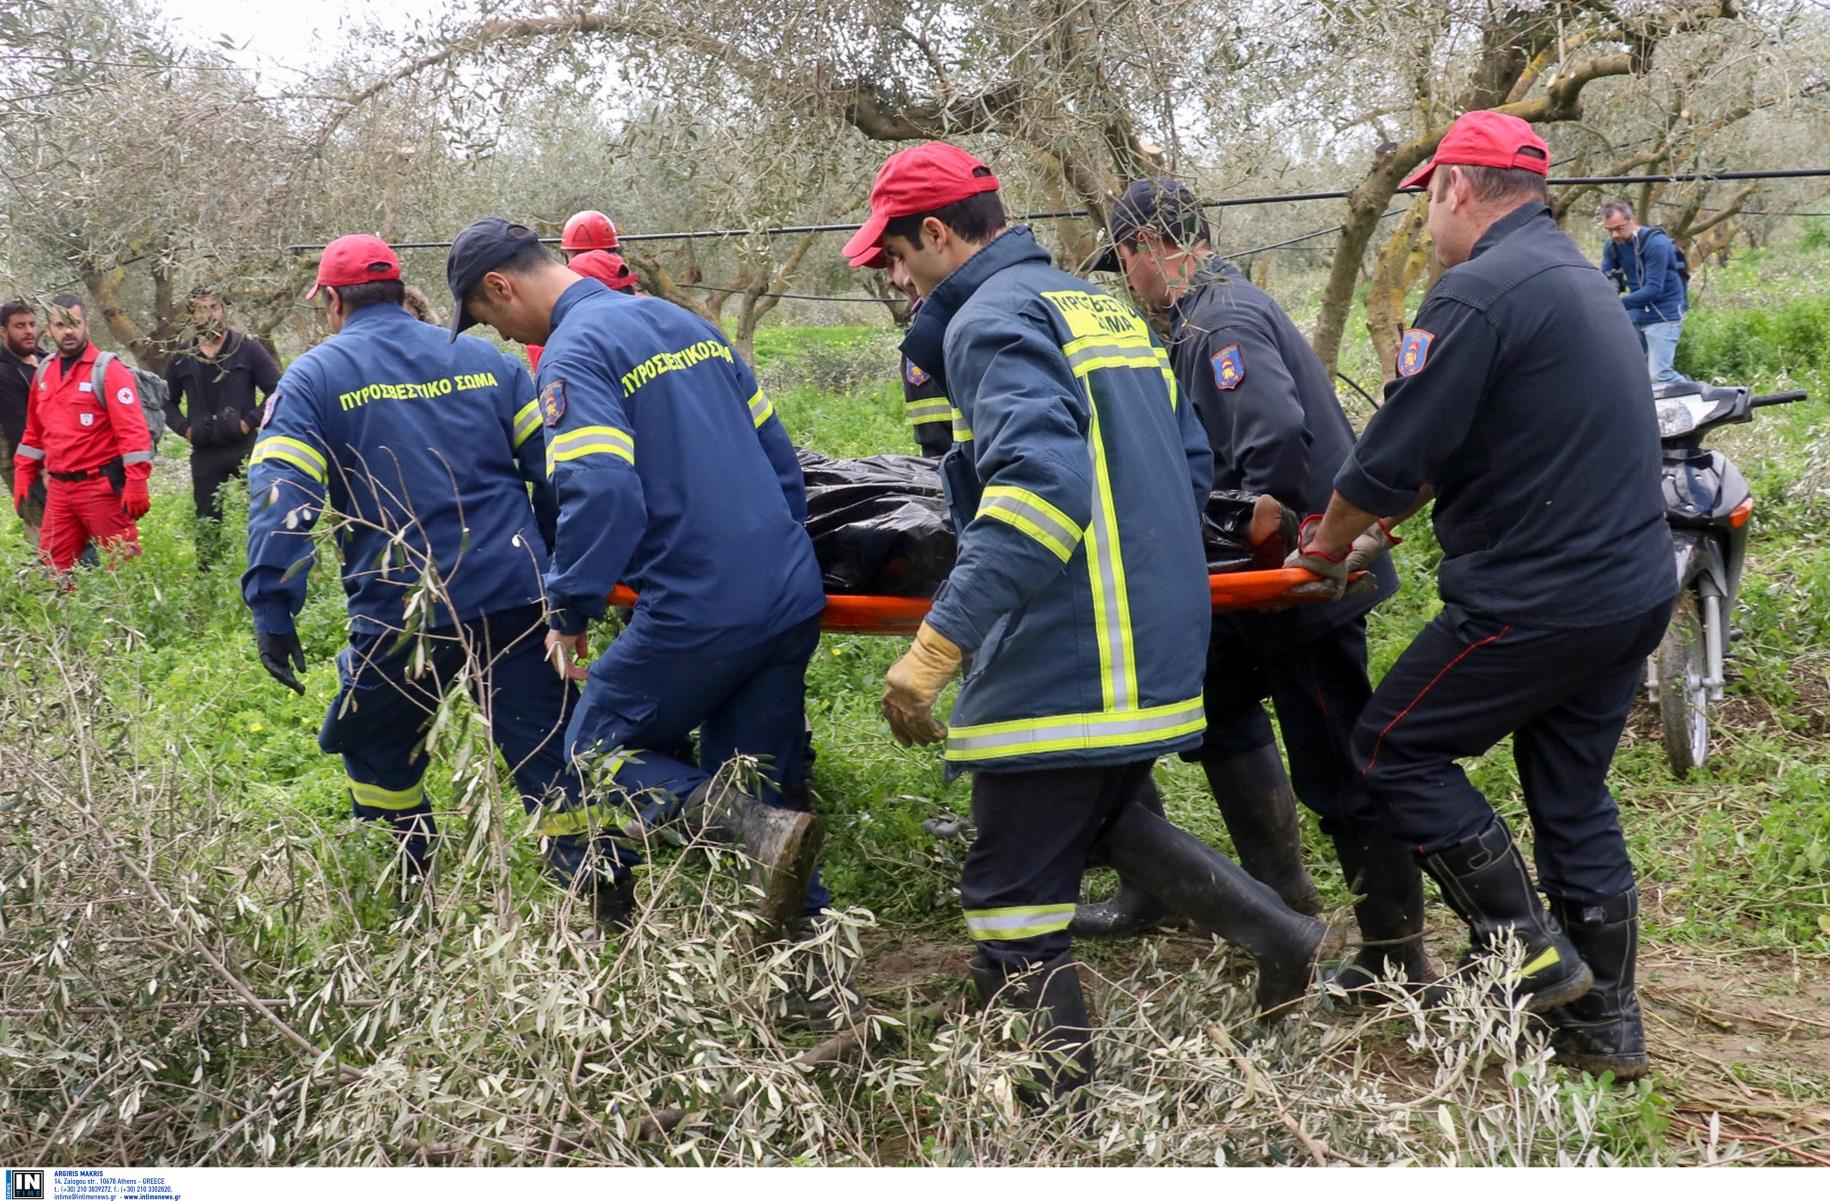 Θεσπρωτία: Νεκρός ο άνδρας που εξαφανίστηκε τον Δεκαπενταύγουστο – Βρέθηκε σε γκρεμό